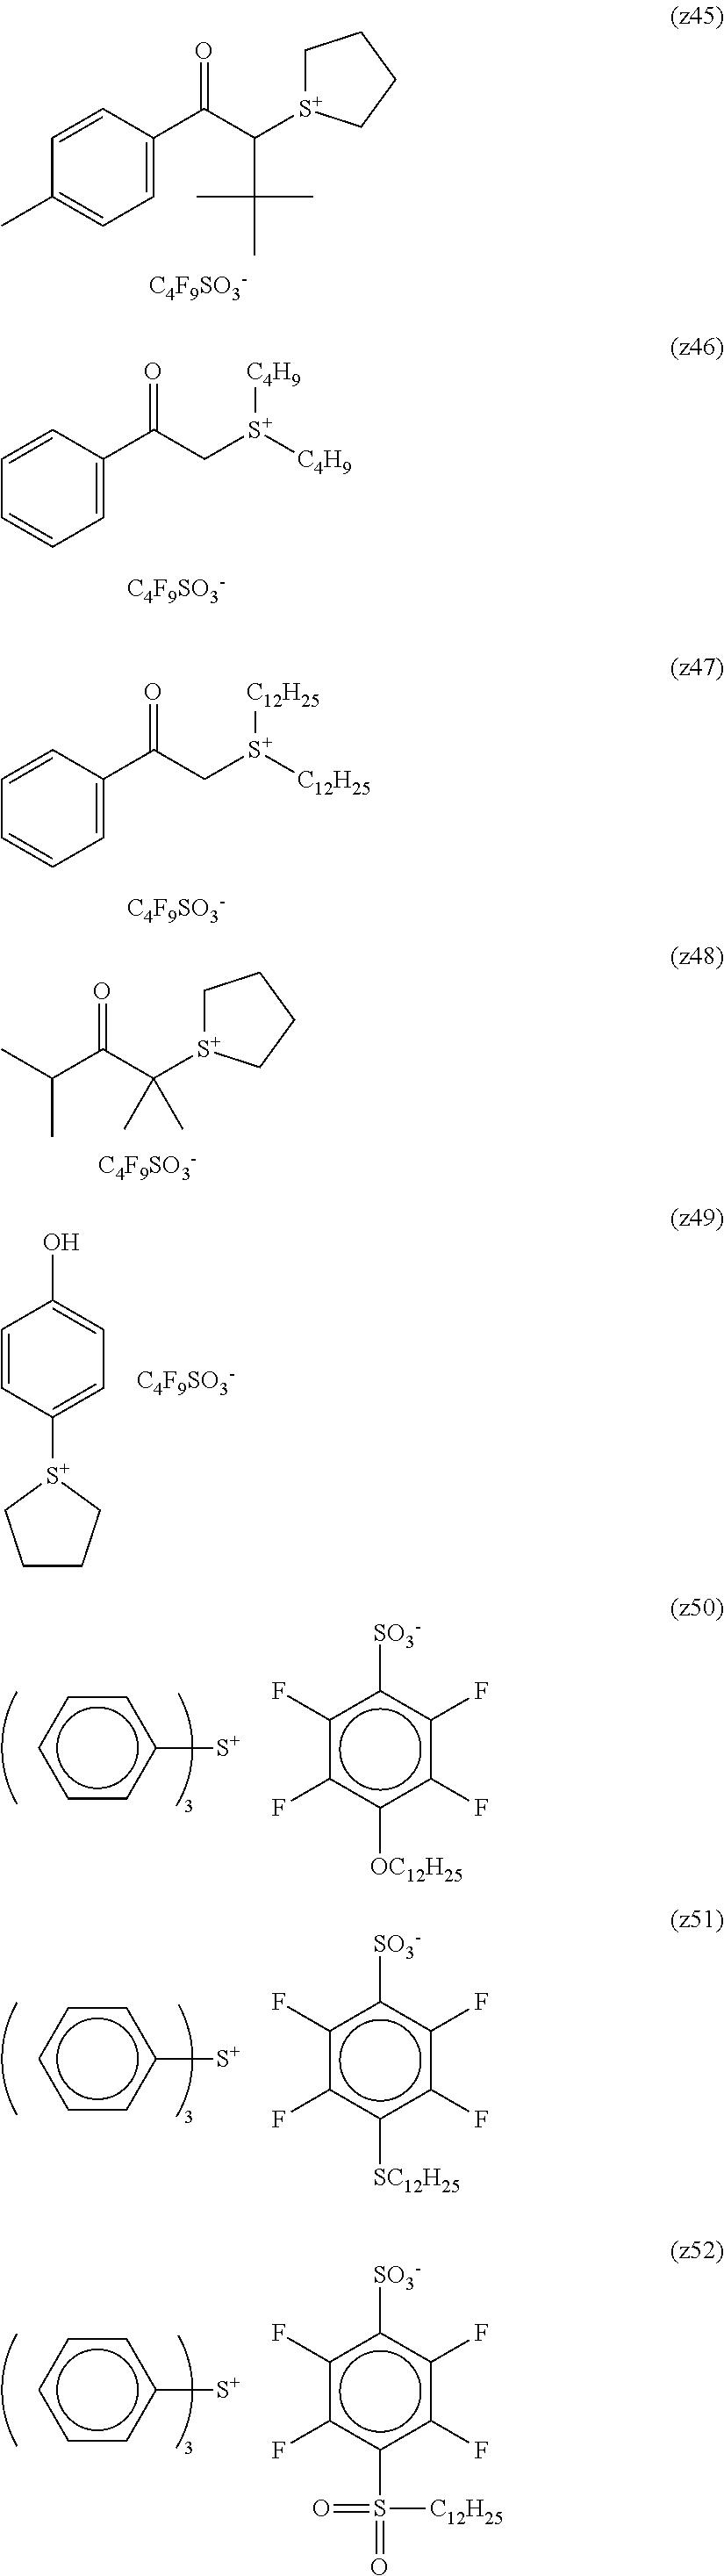 Figure US08071272-20111206-C00052